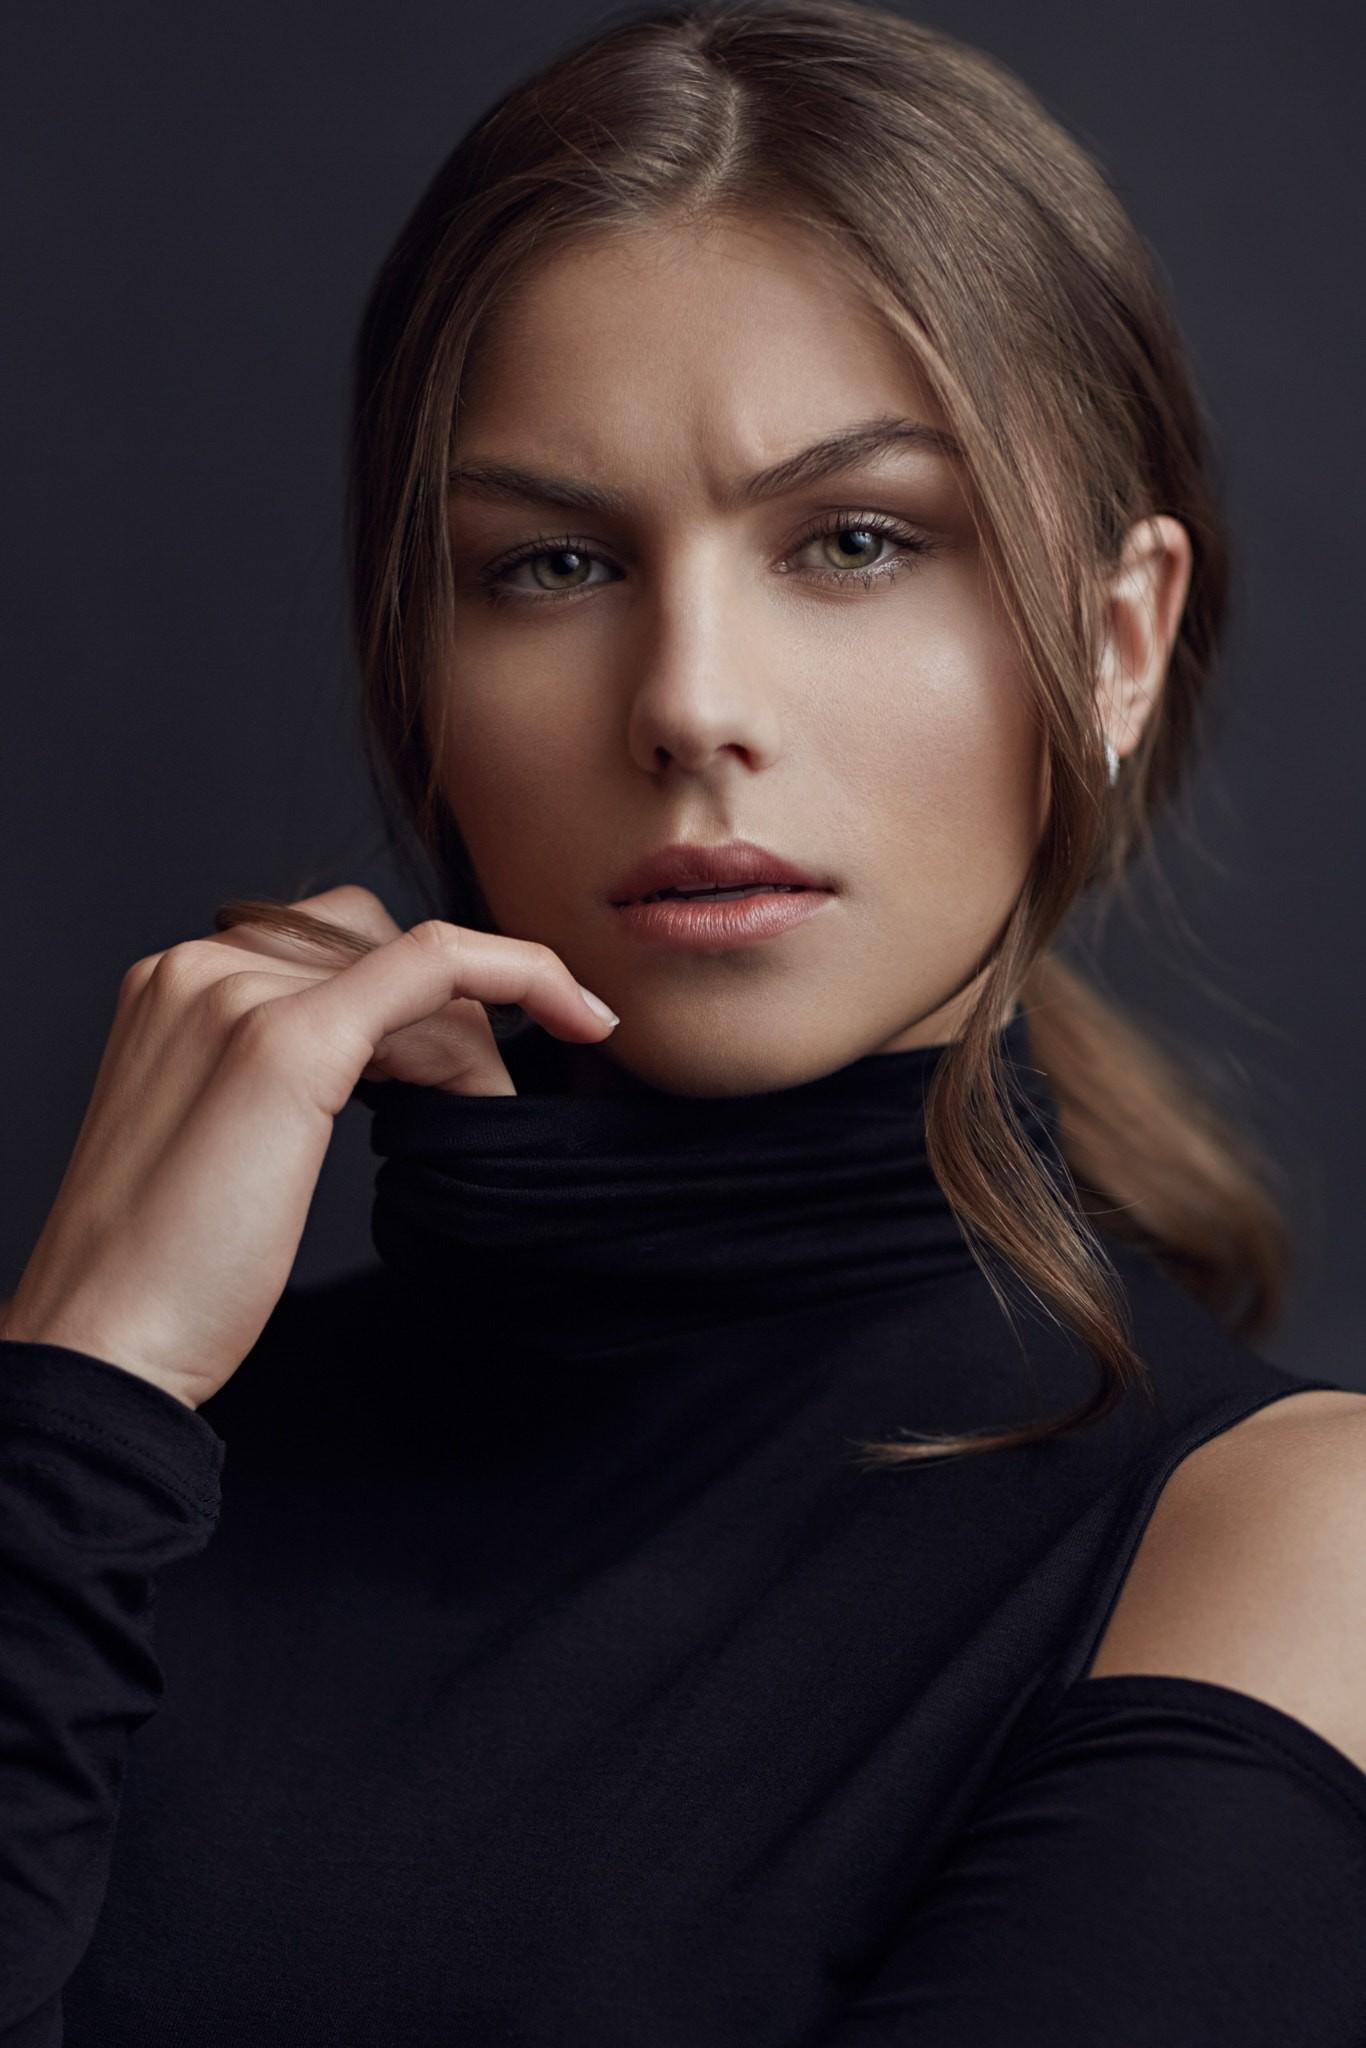 Wallpaper : face, women, model, eyes, long hair, portrait